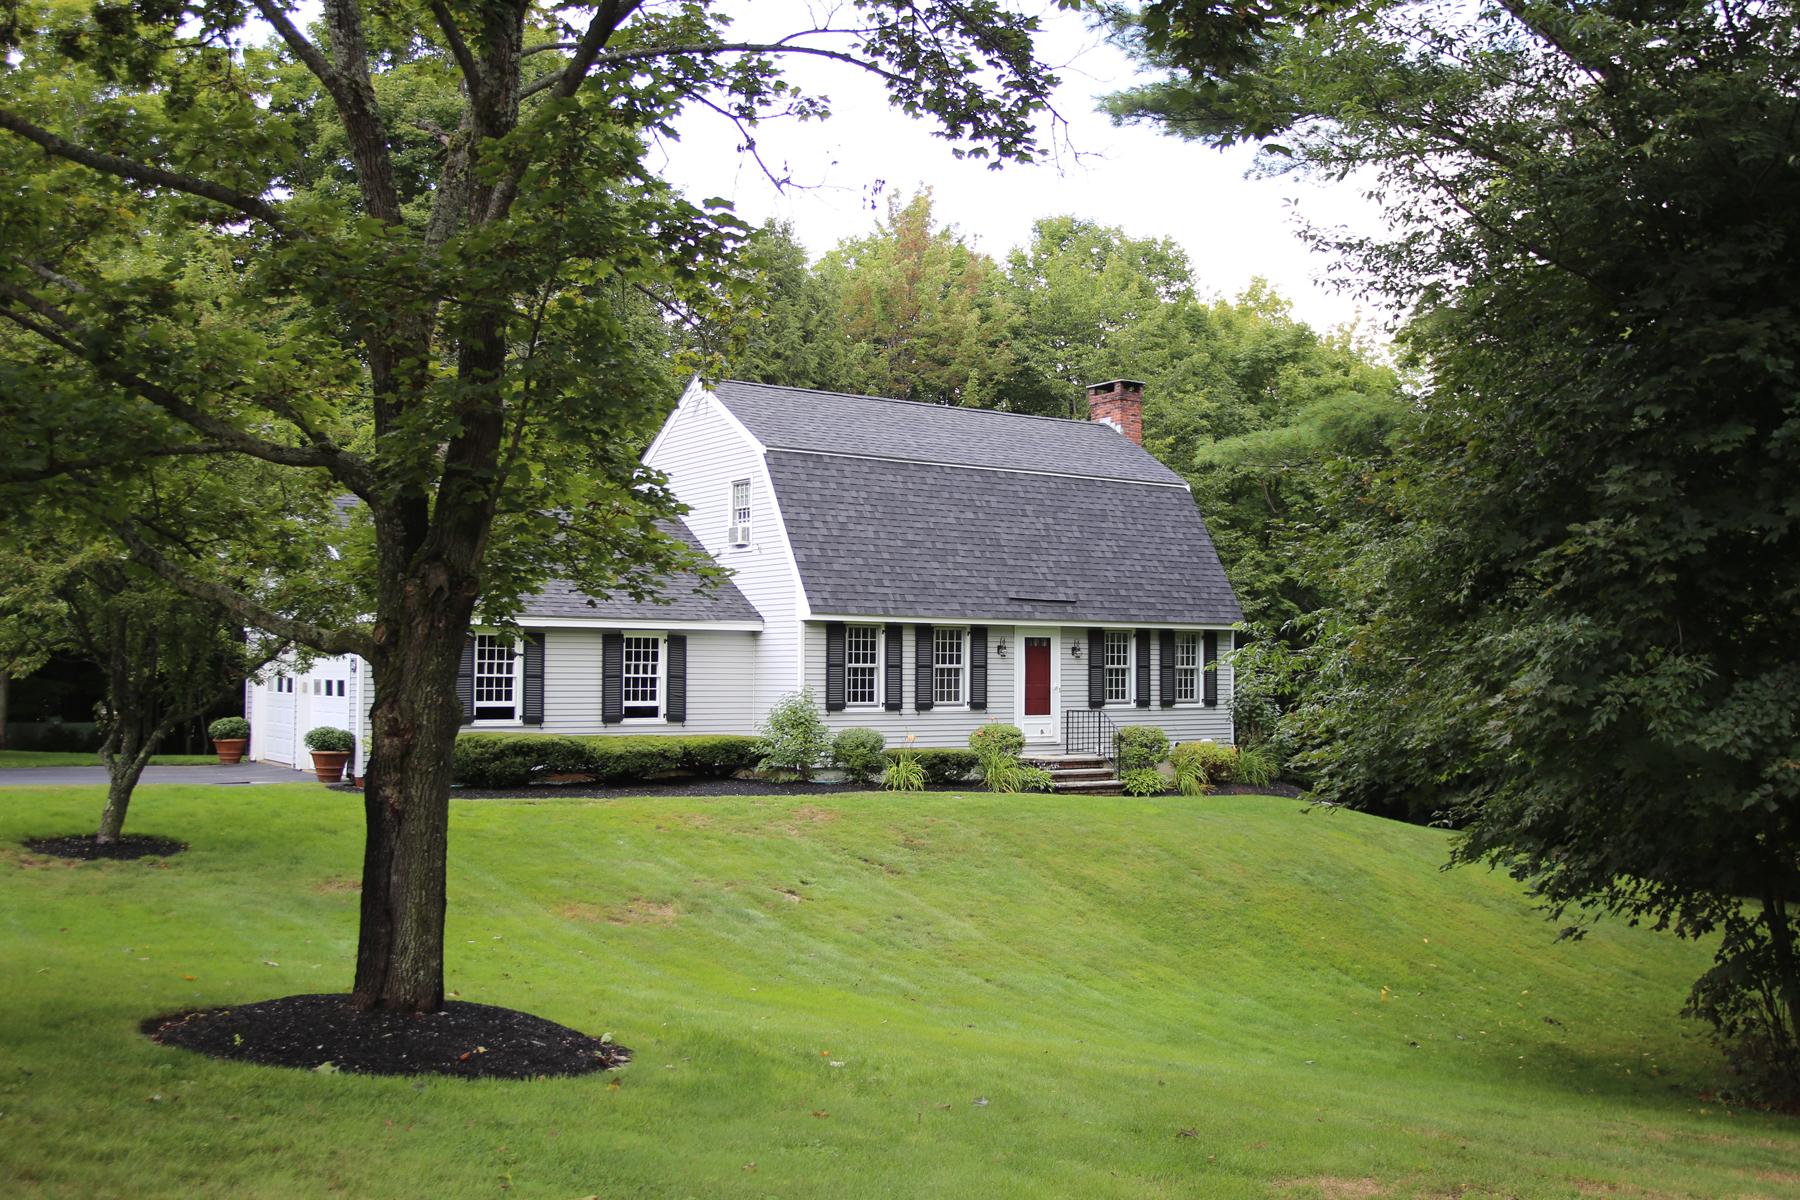 Maison unifamiliale pour l Vente à 108 Job Seamans Acres, New London New London, New Hampshire 03257 États-Unis